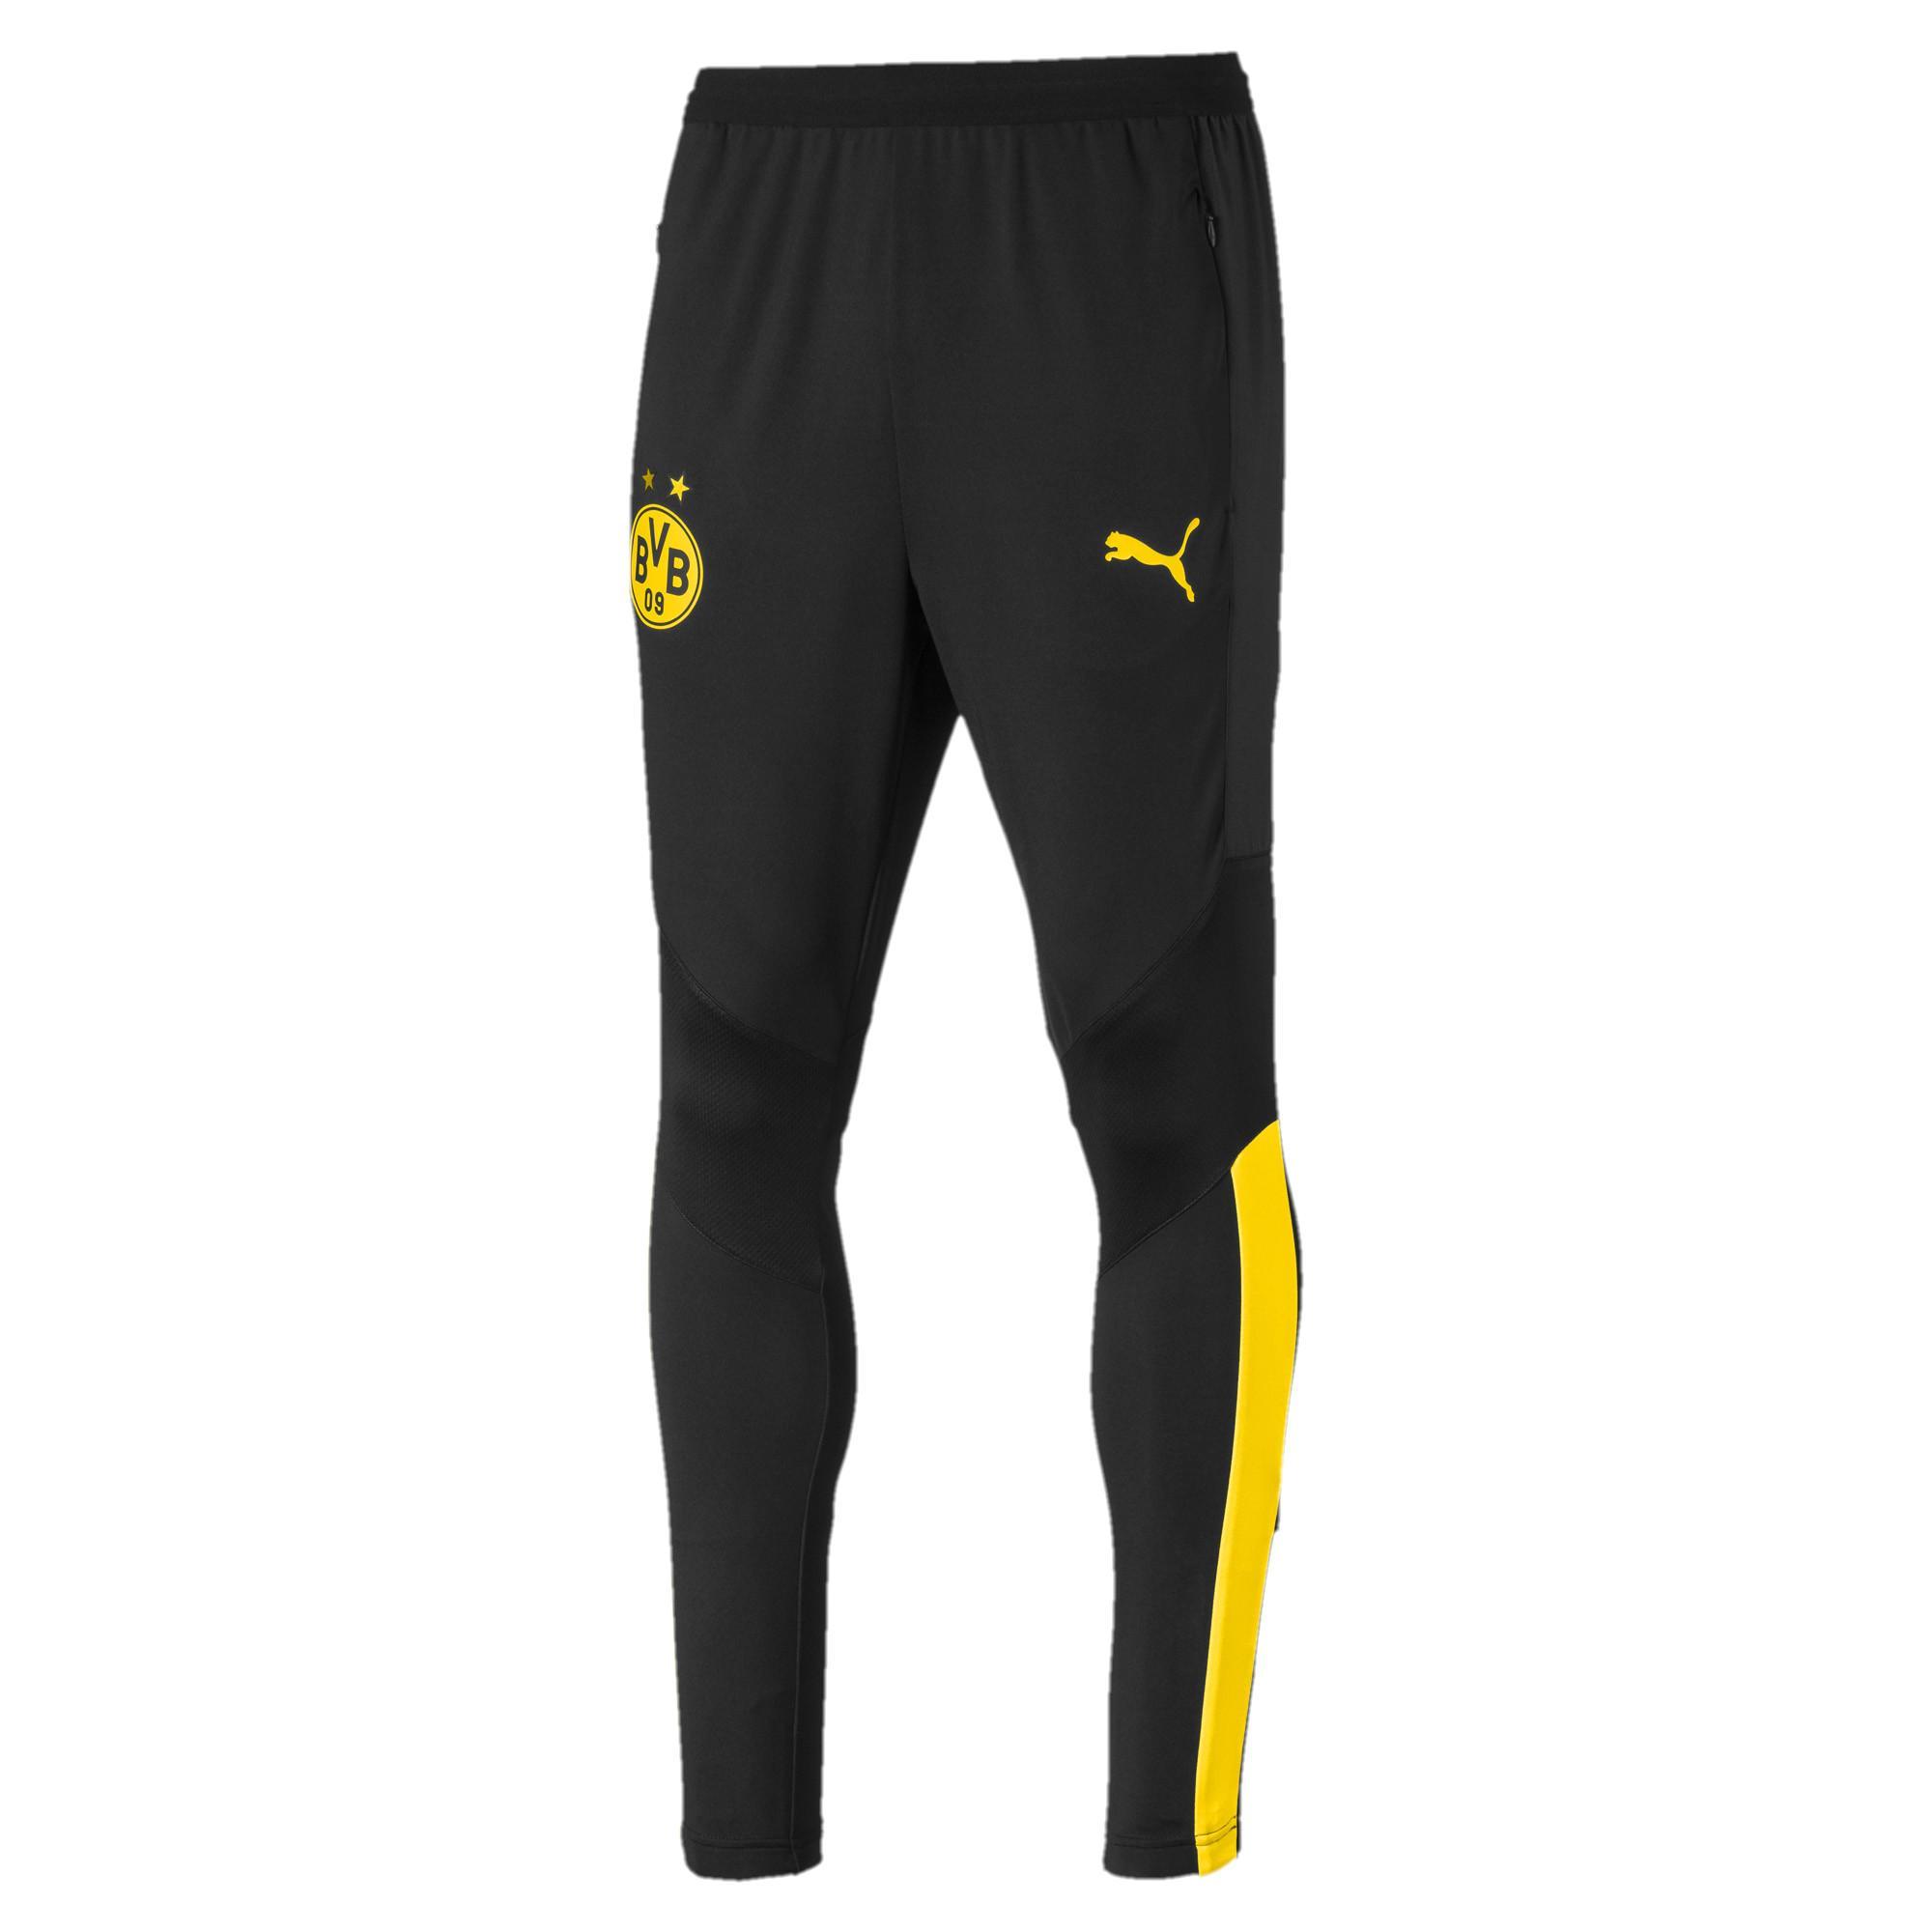 Puma Pantalone Allenamento Borussia Dortmund   19/20